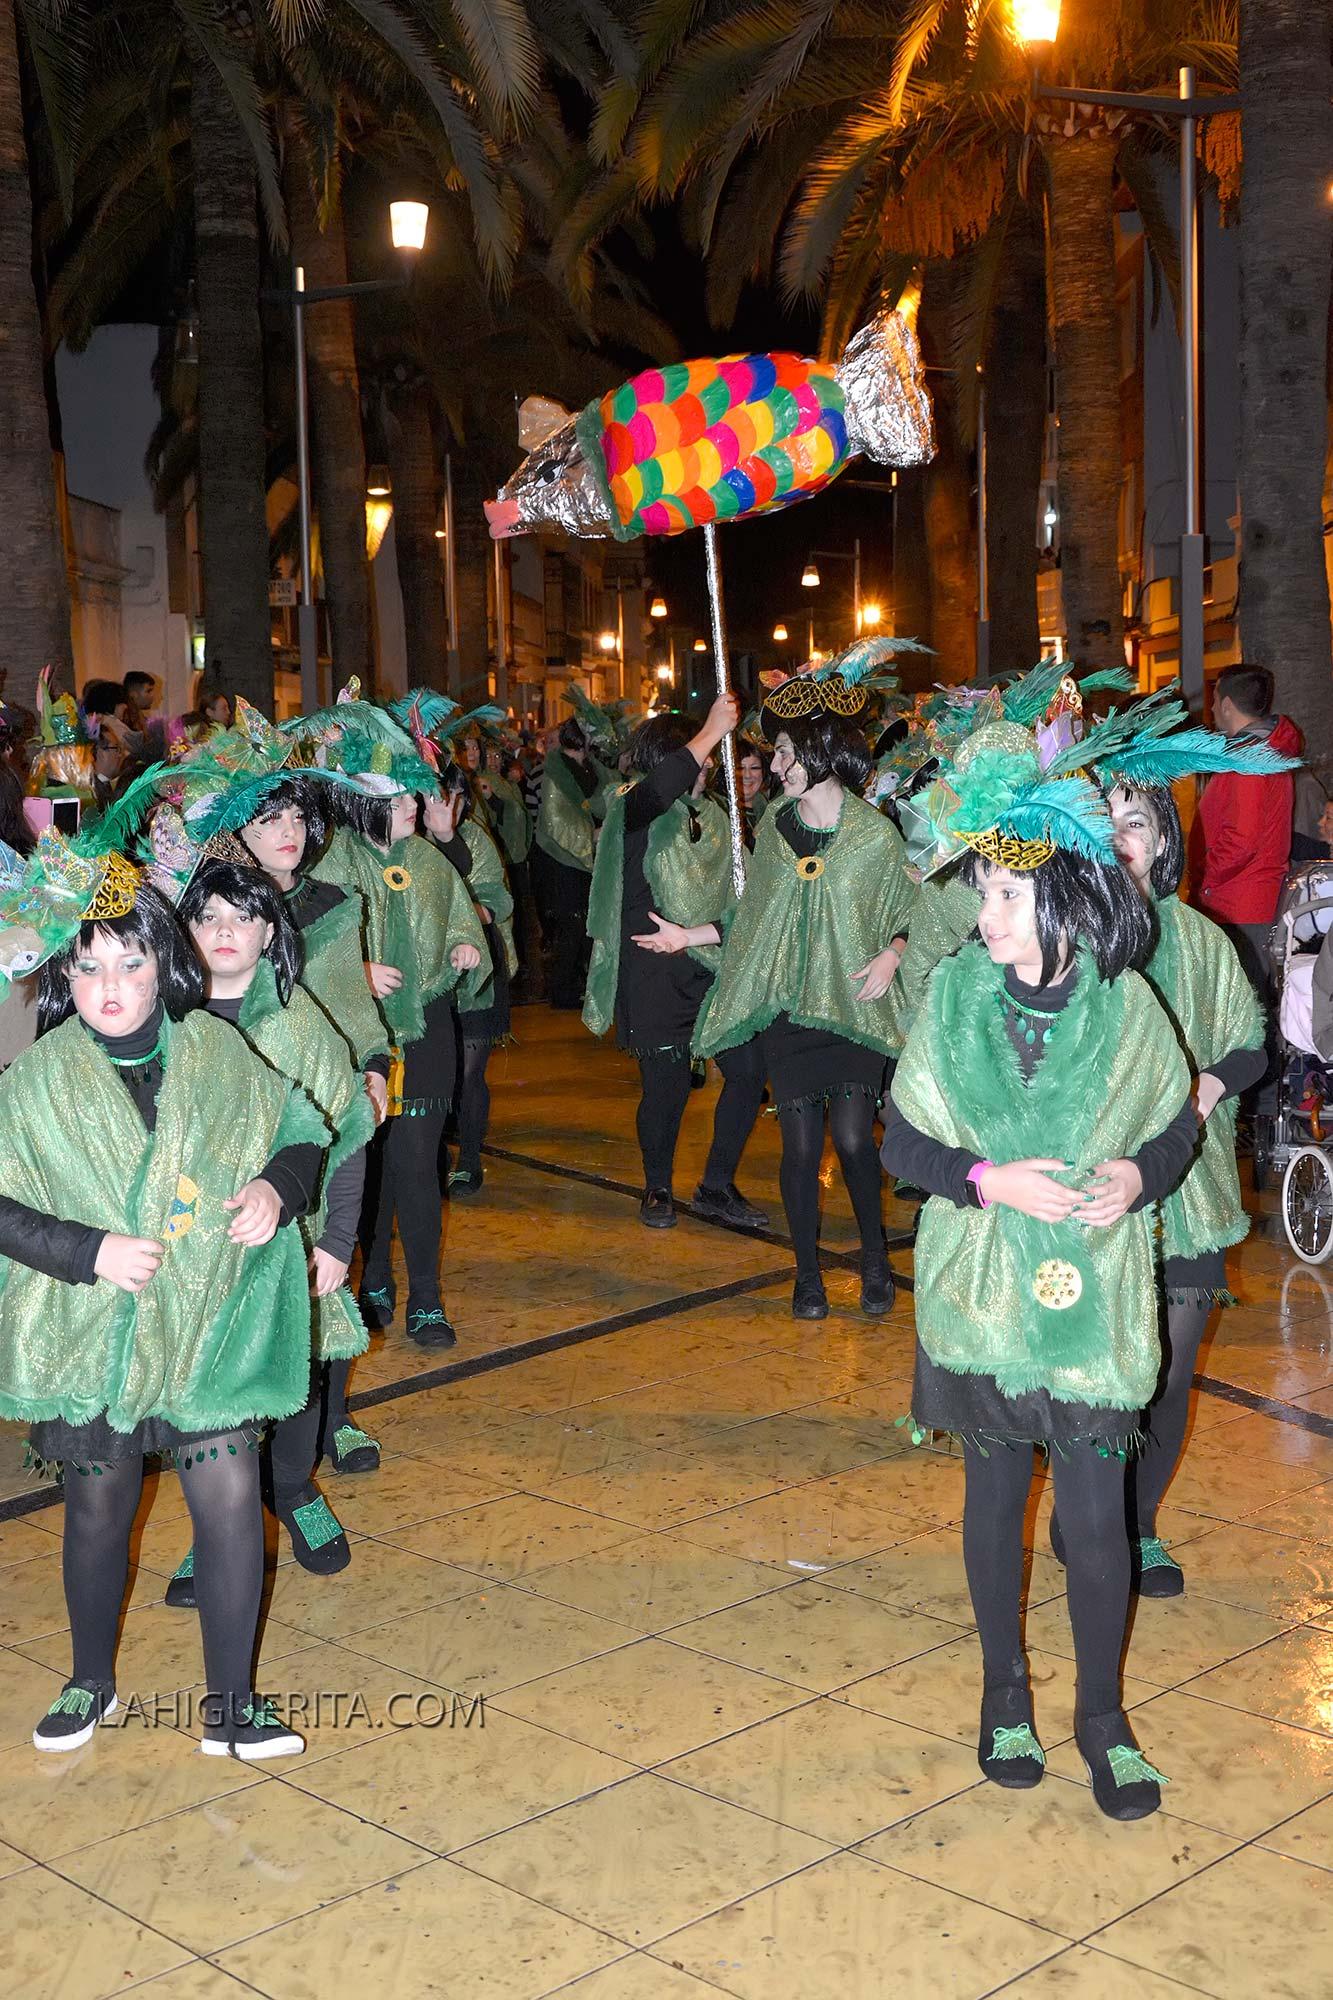 Entierro de la sardina carnaval isla cristina _DSC2038